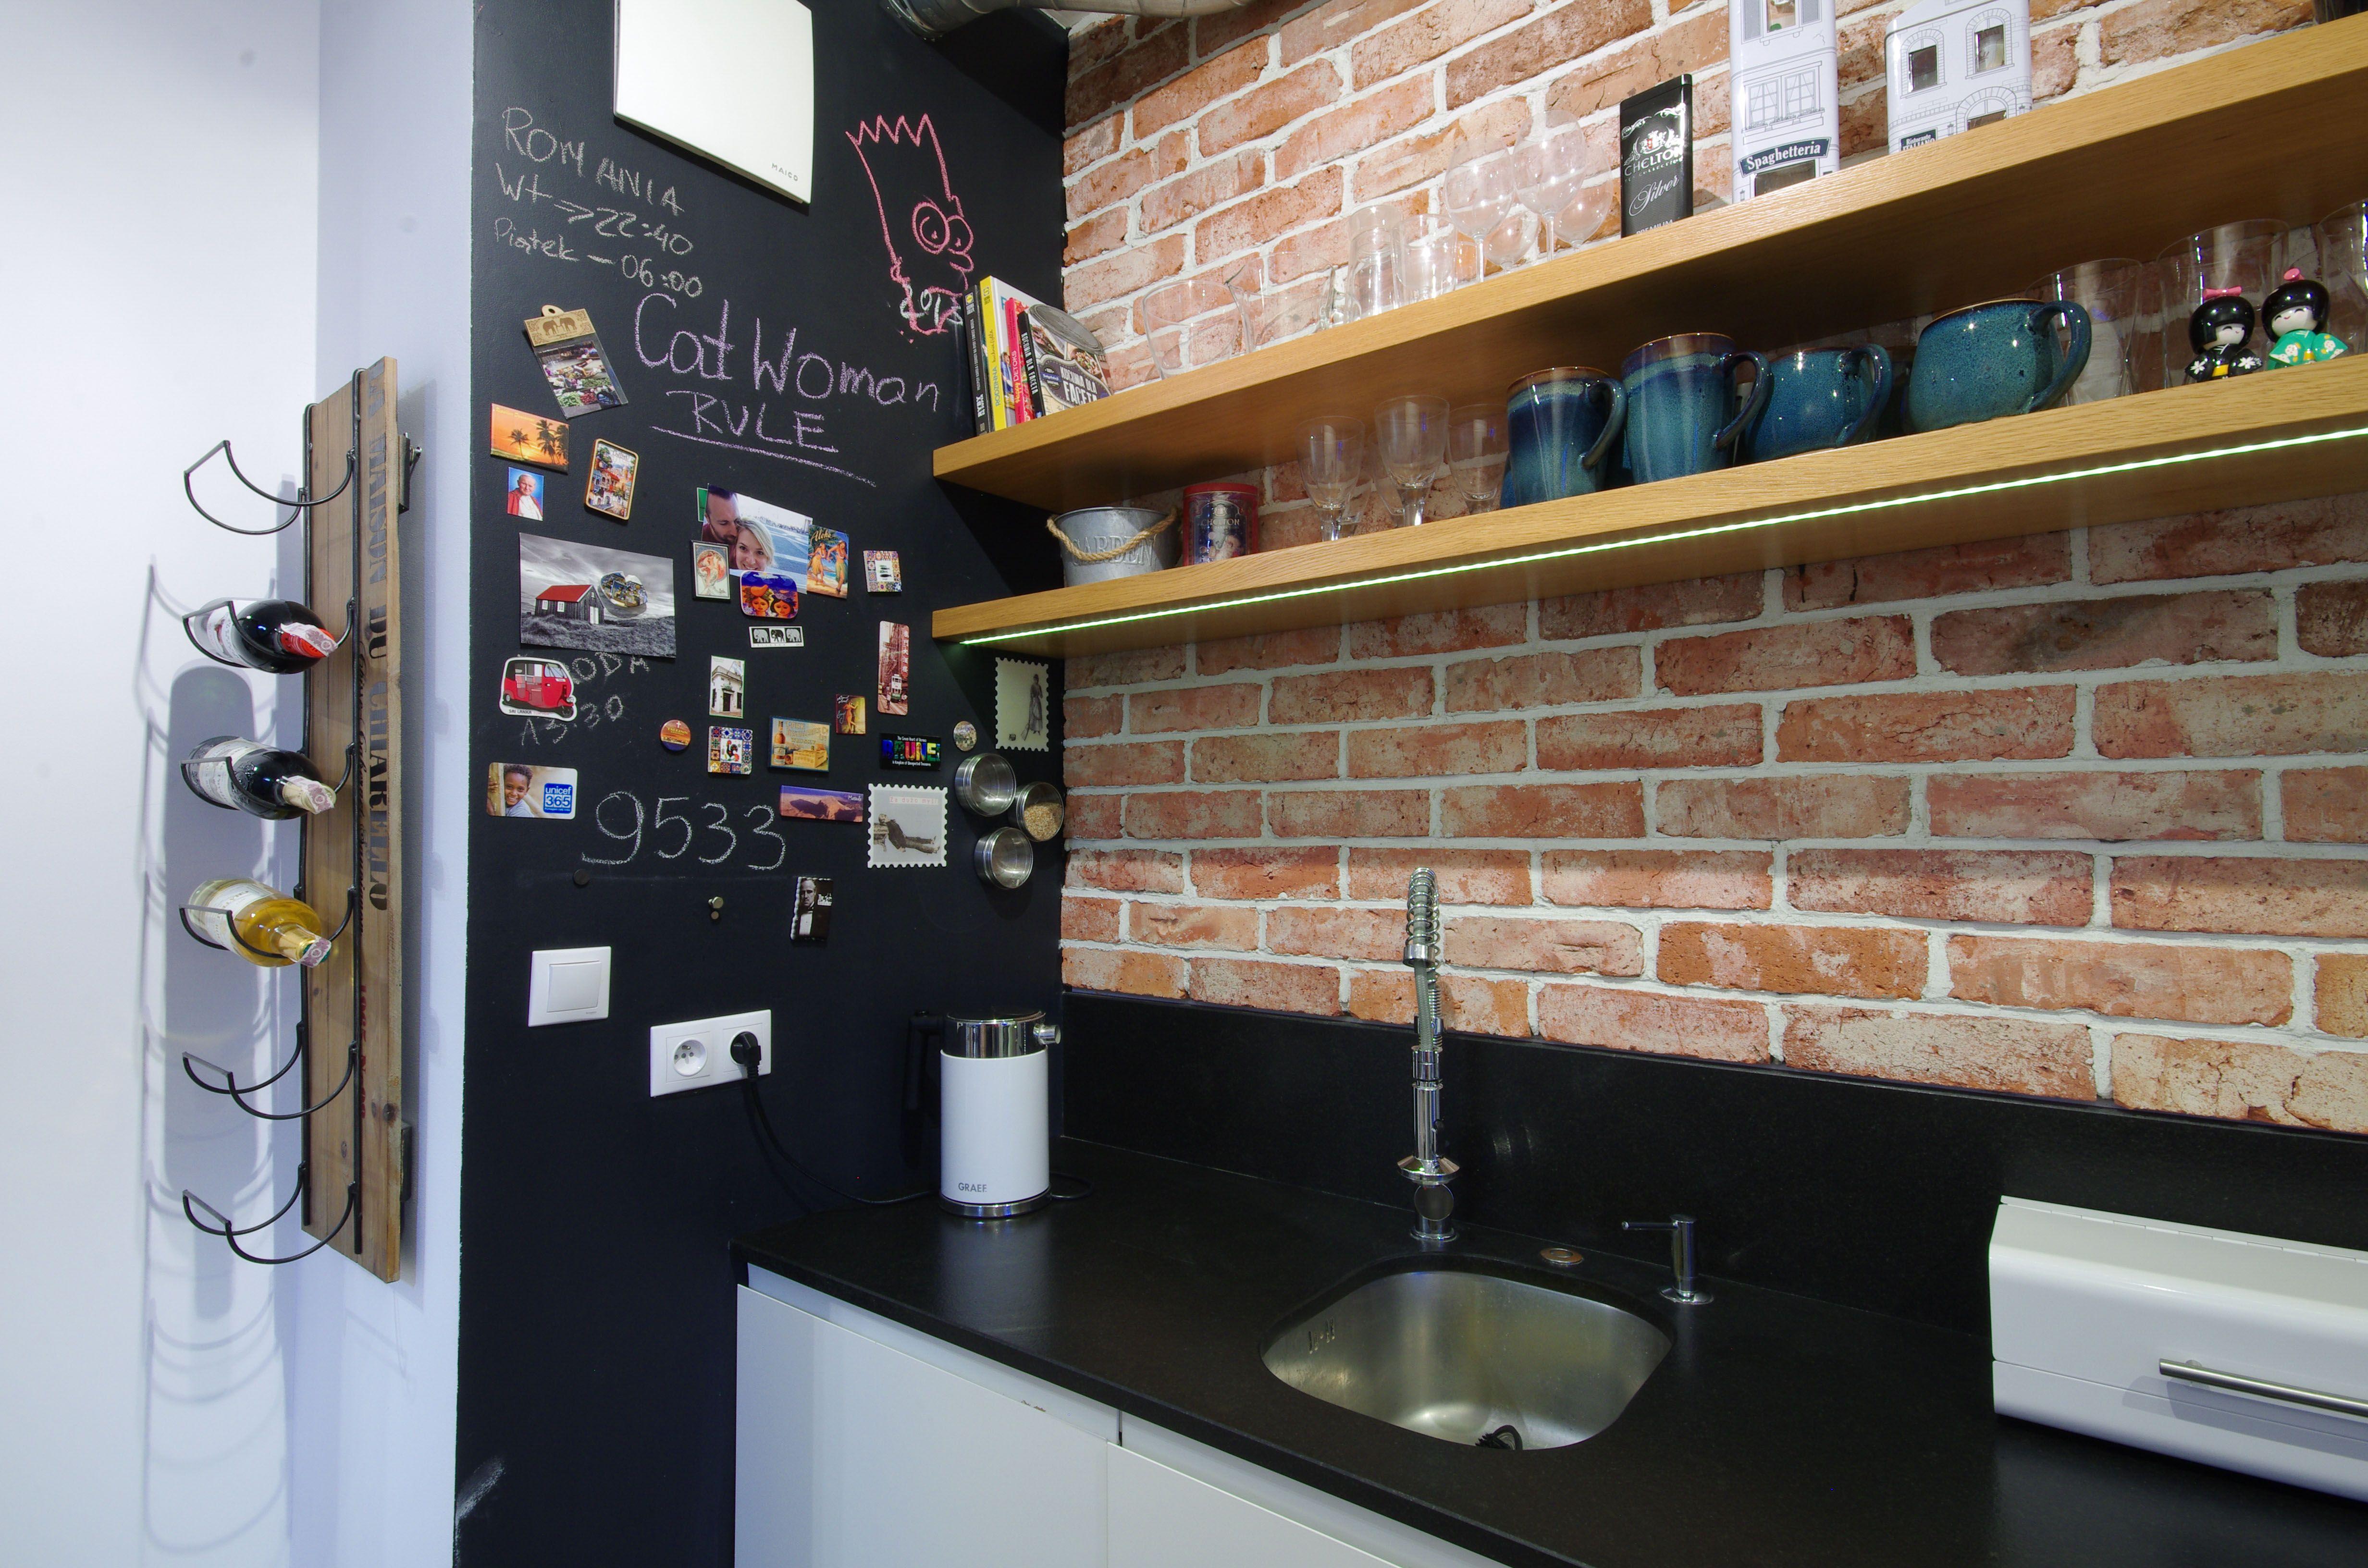 Kuchnia Soft Loft Praktyczna Sciana Pomalowana Farba Magnetyczna I Tablicowa Nadaje Wnetrzu Indywidualny Charakter Home Decor Liquor Cabinet Decor